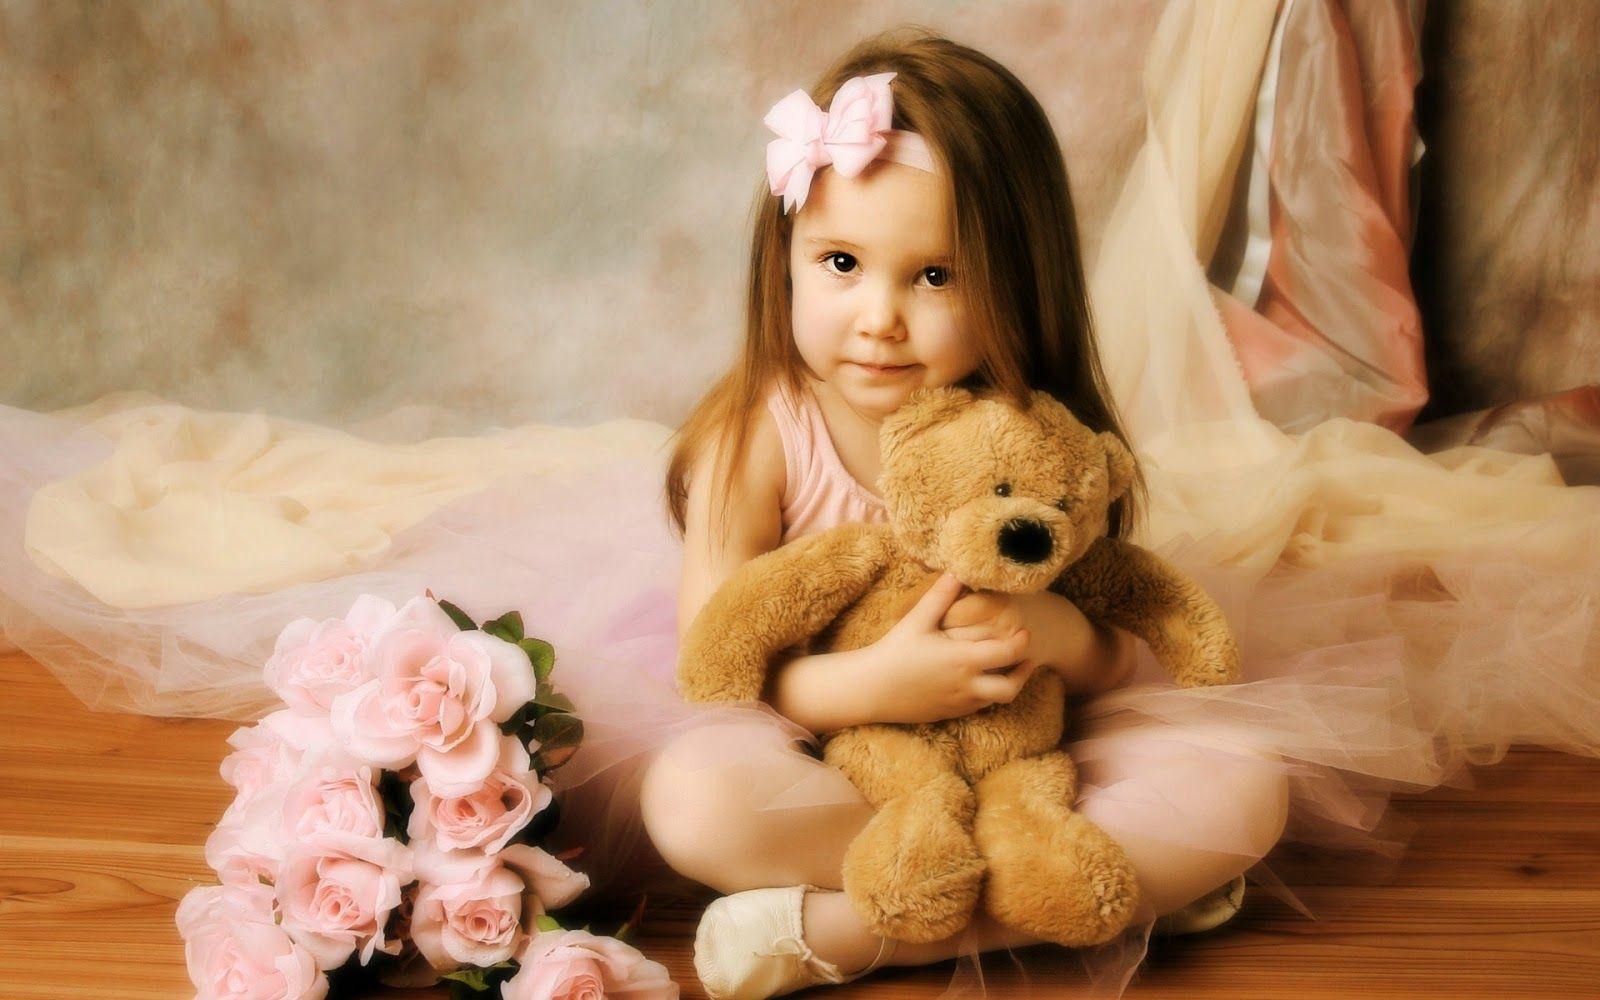 صور دبدوب جميلة جدا 2015 اجمل صور دباديب Teddy Bear Wallpaper Teddy Bear Girl Father And Daughter Love